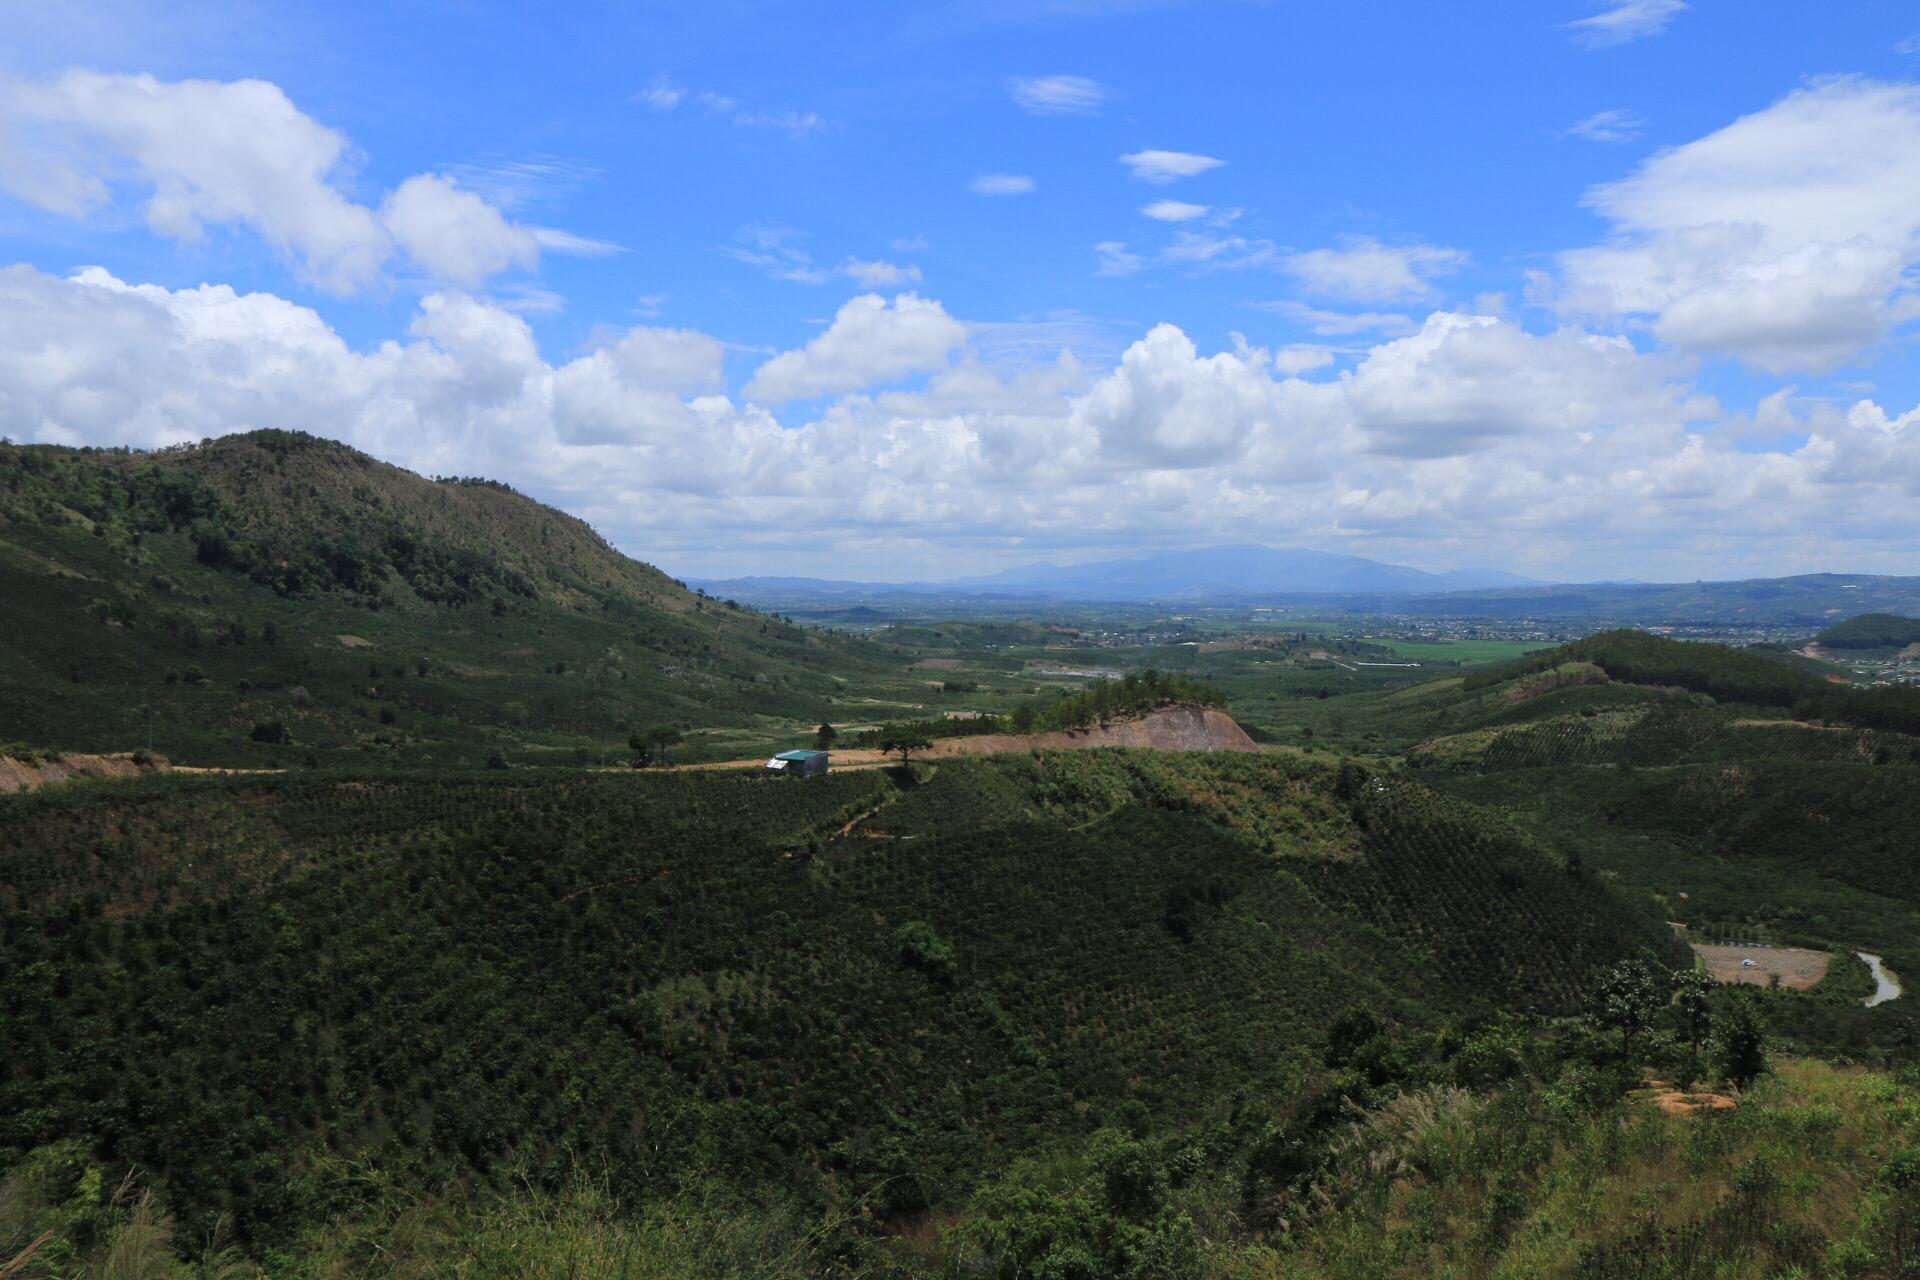 Der weite Blick über das Hochland von Dalat.